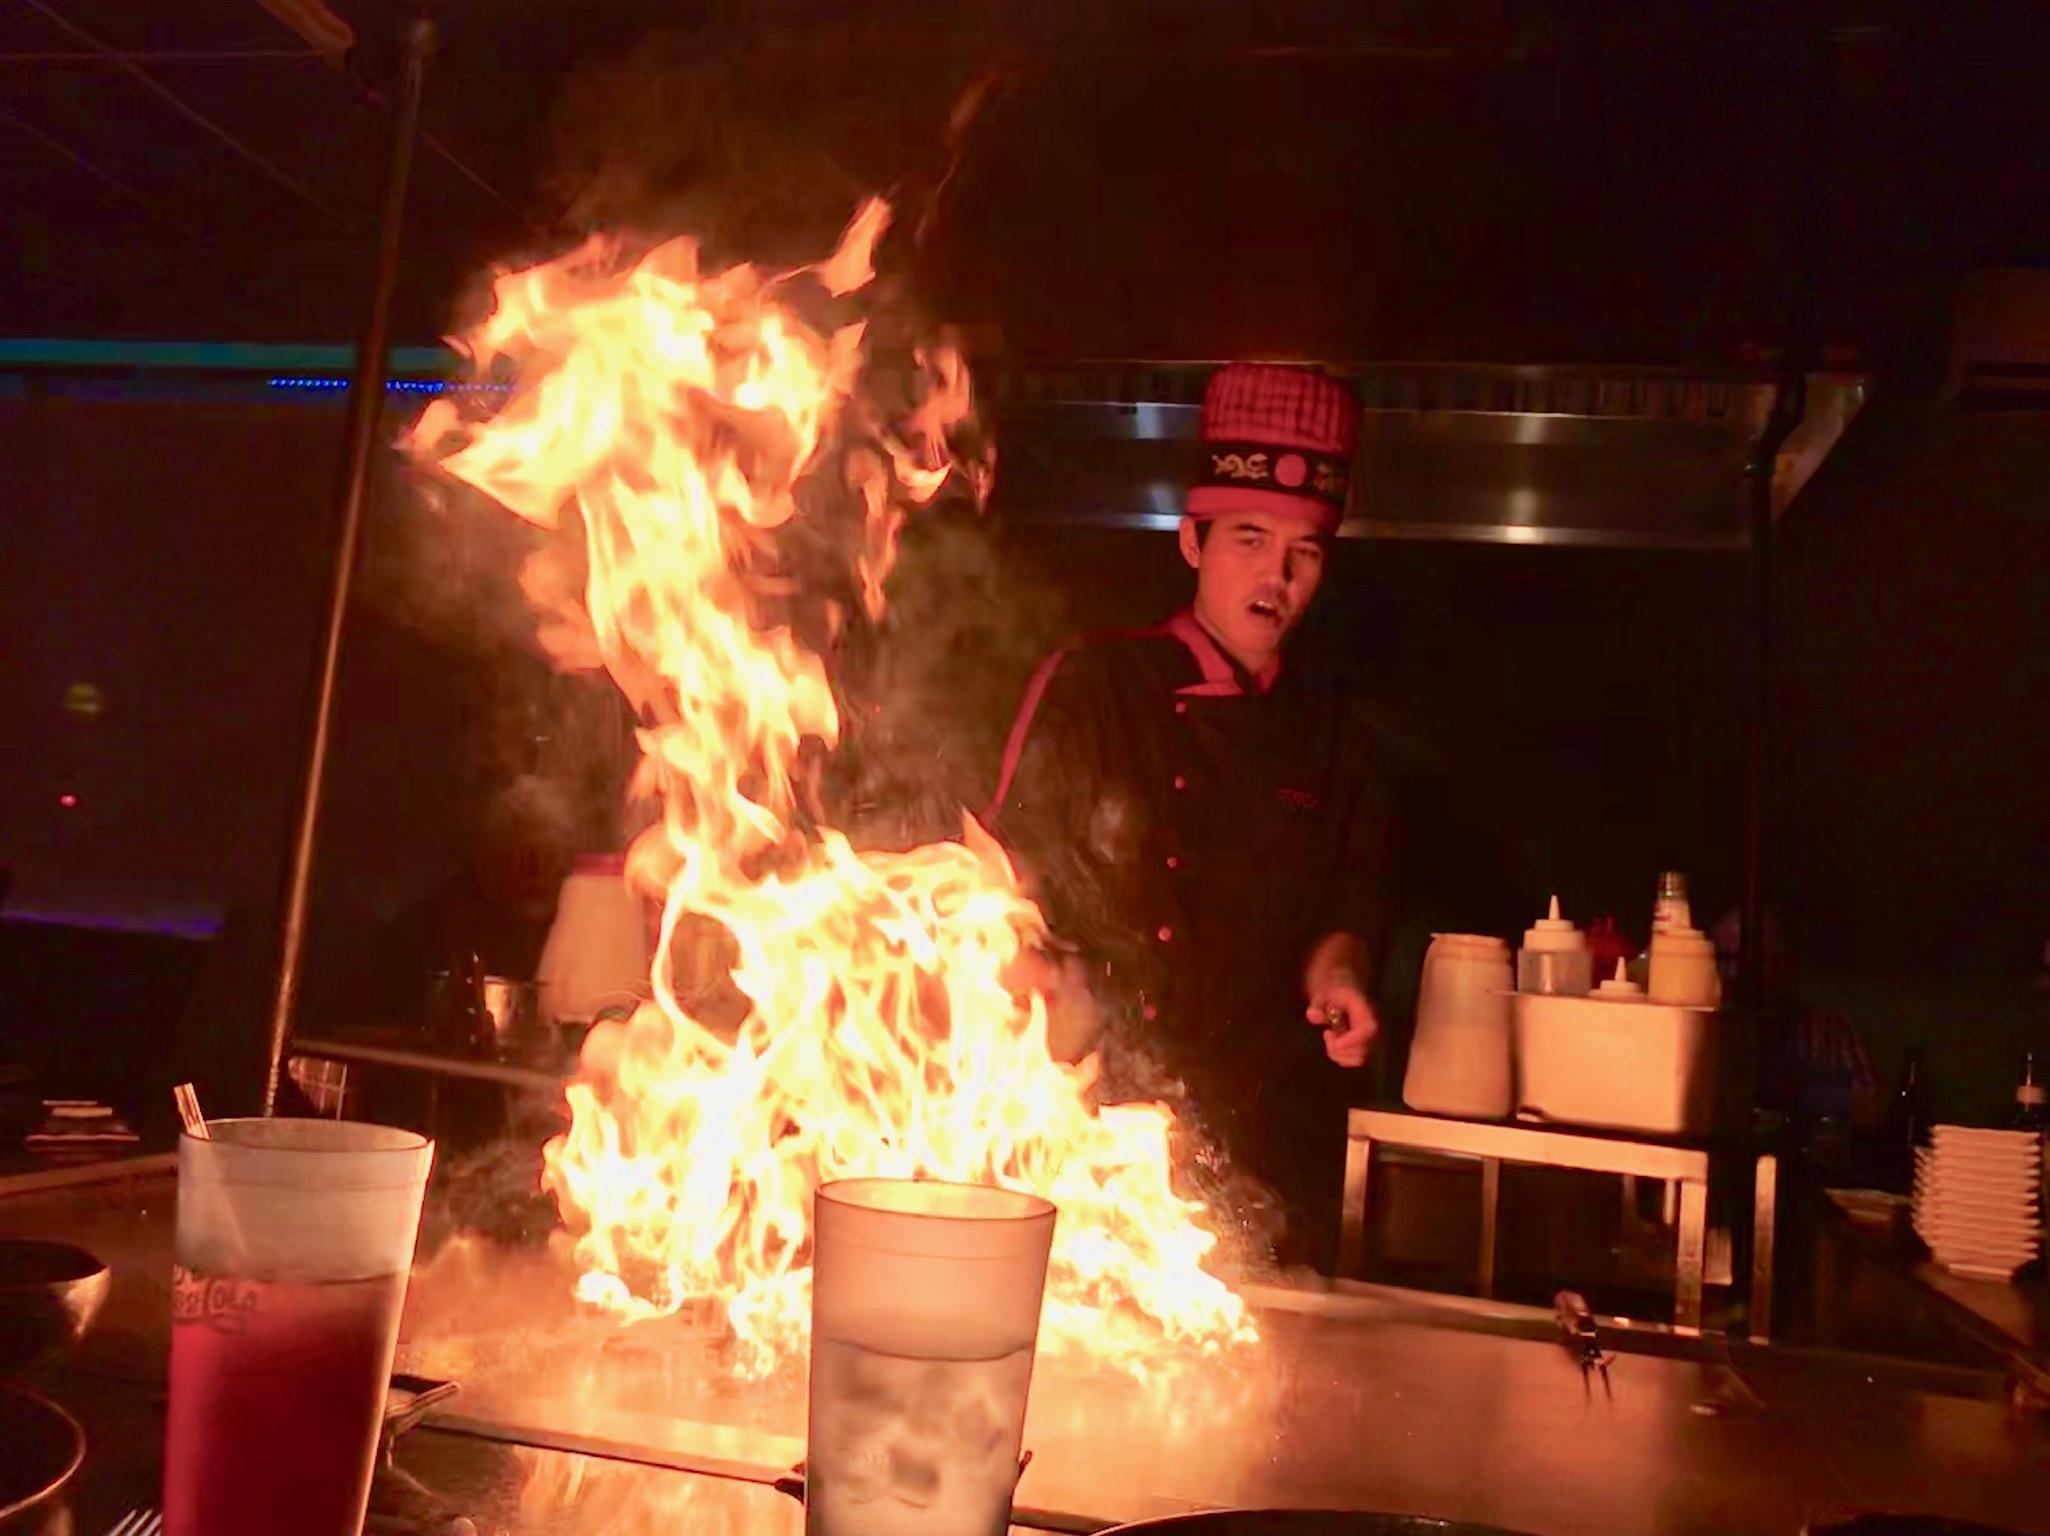 Friday night dinner at Tokyo Japanese Restaurant in Wytheville, VA